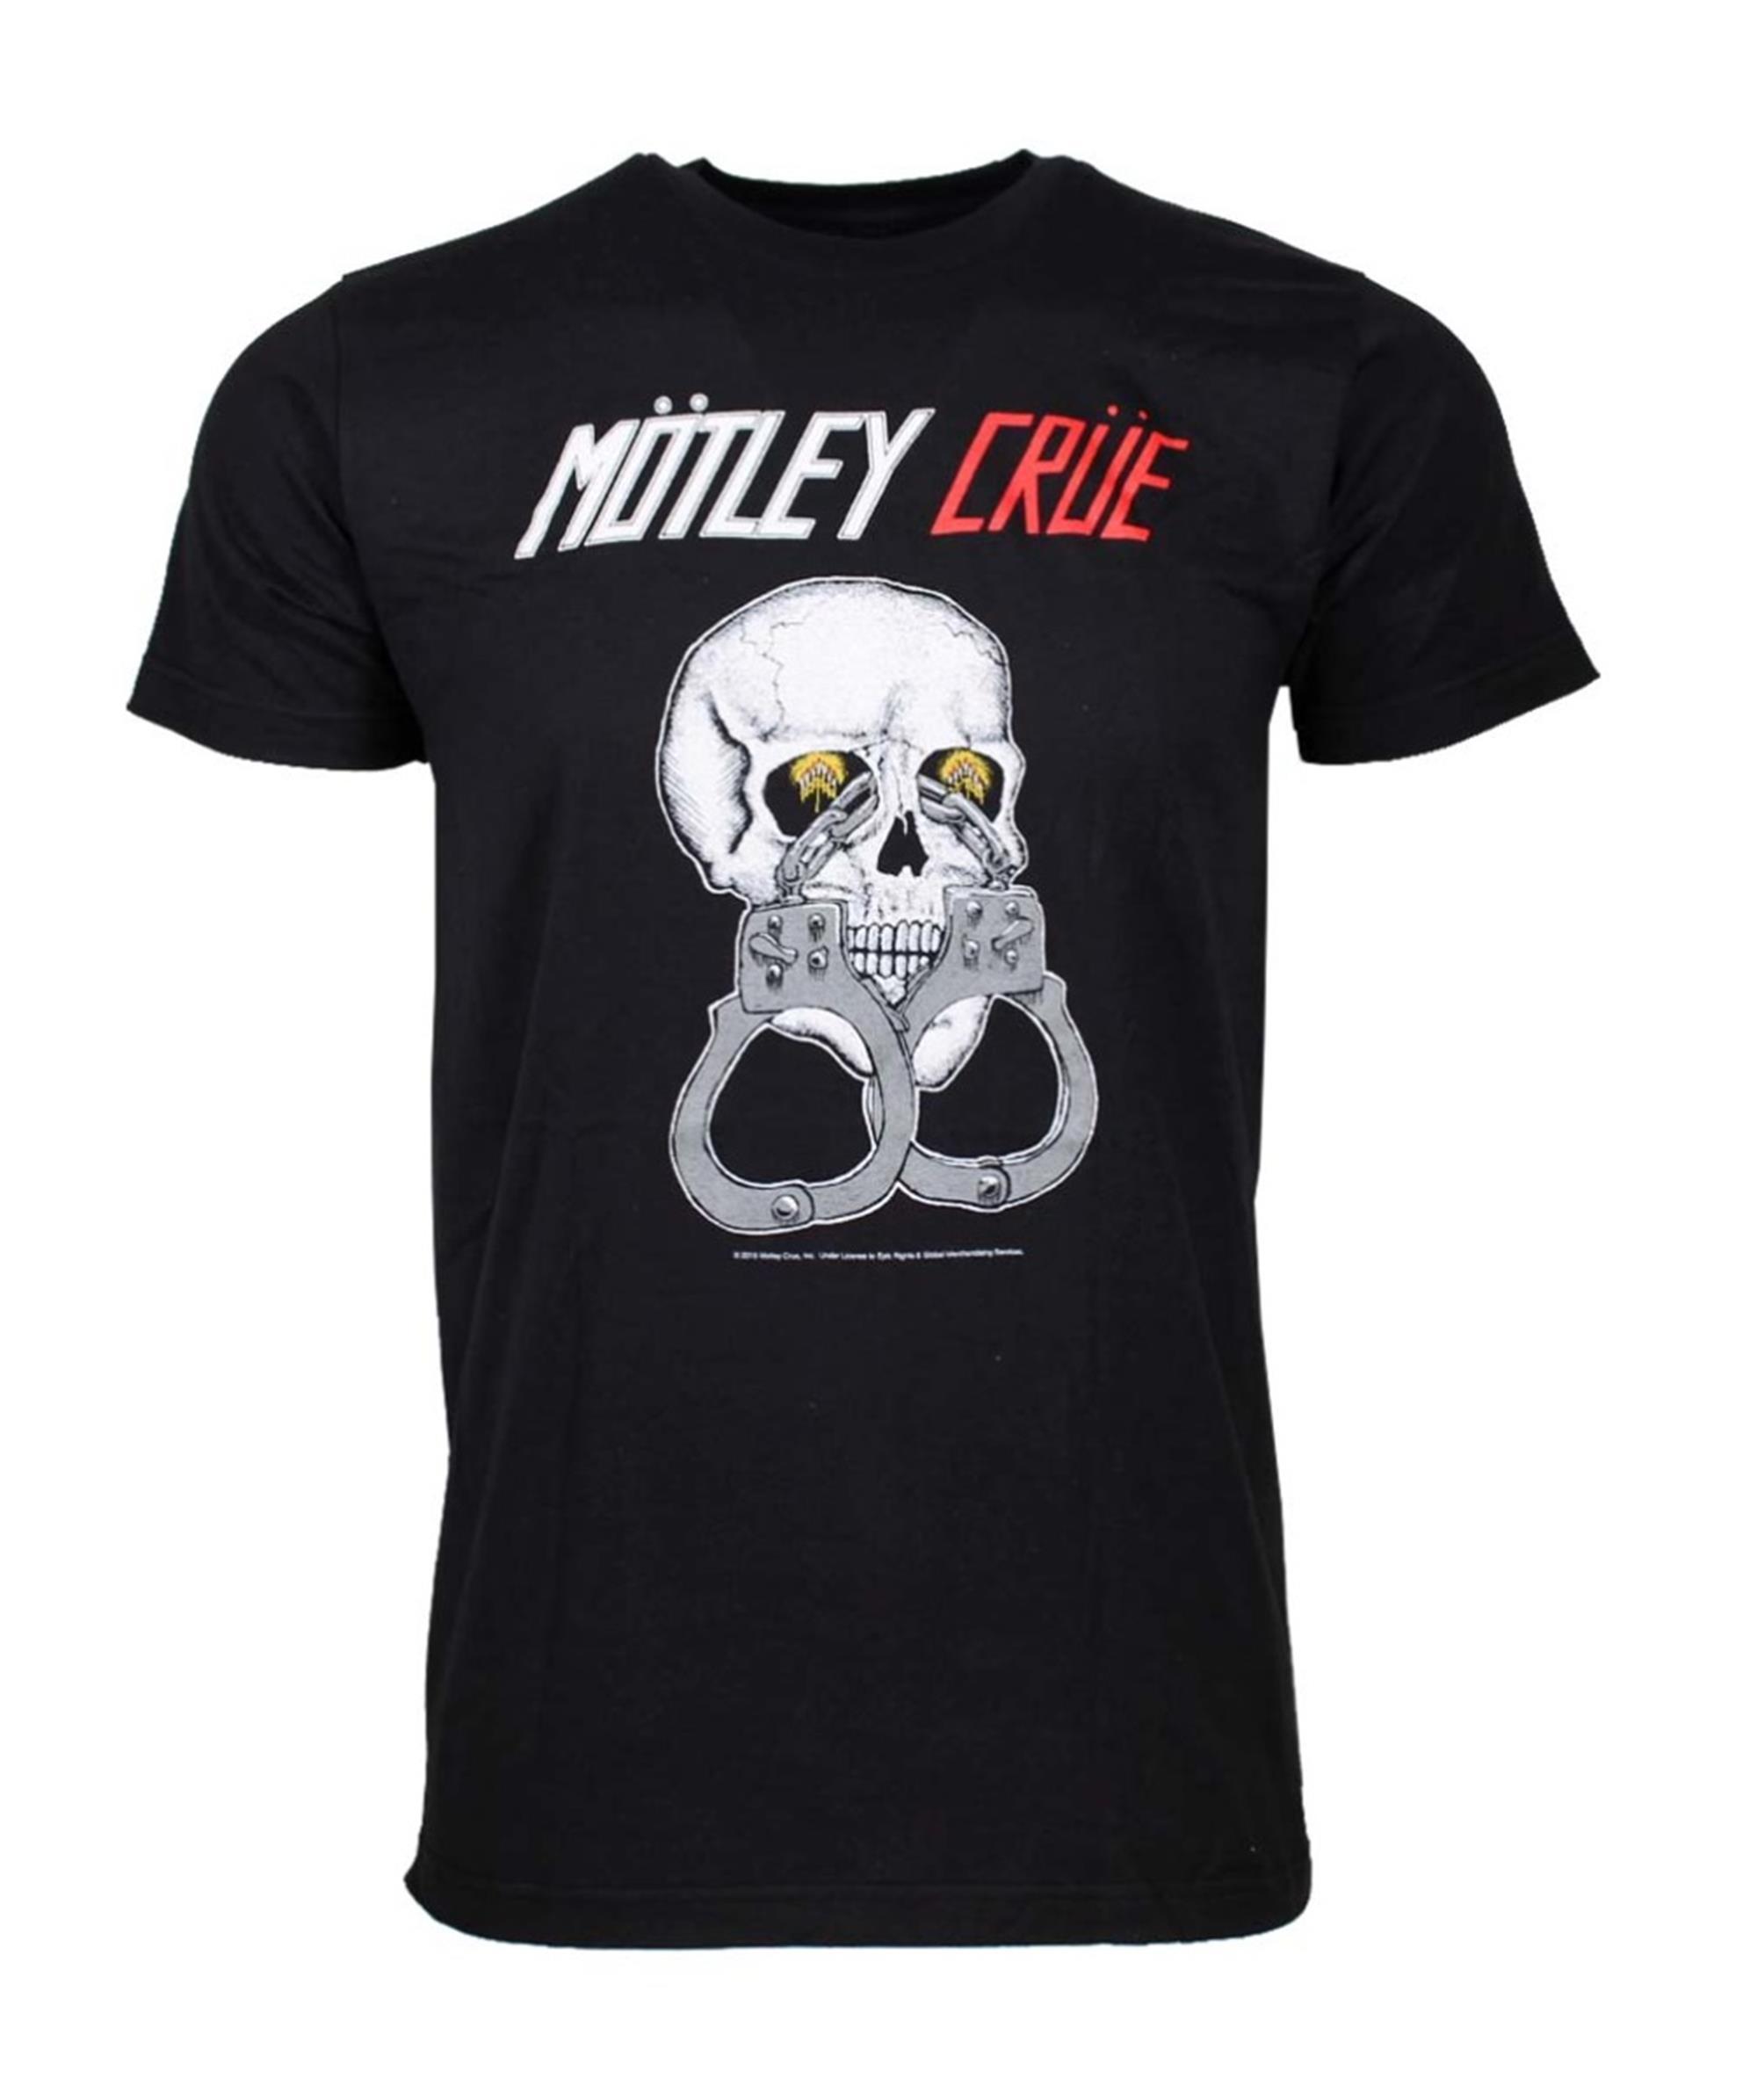 Motley Crue Shout At The Devil Tour T-Shirt